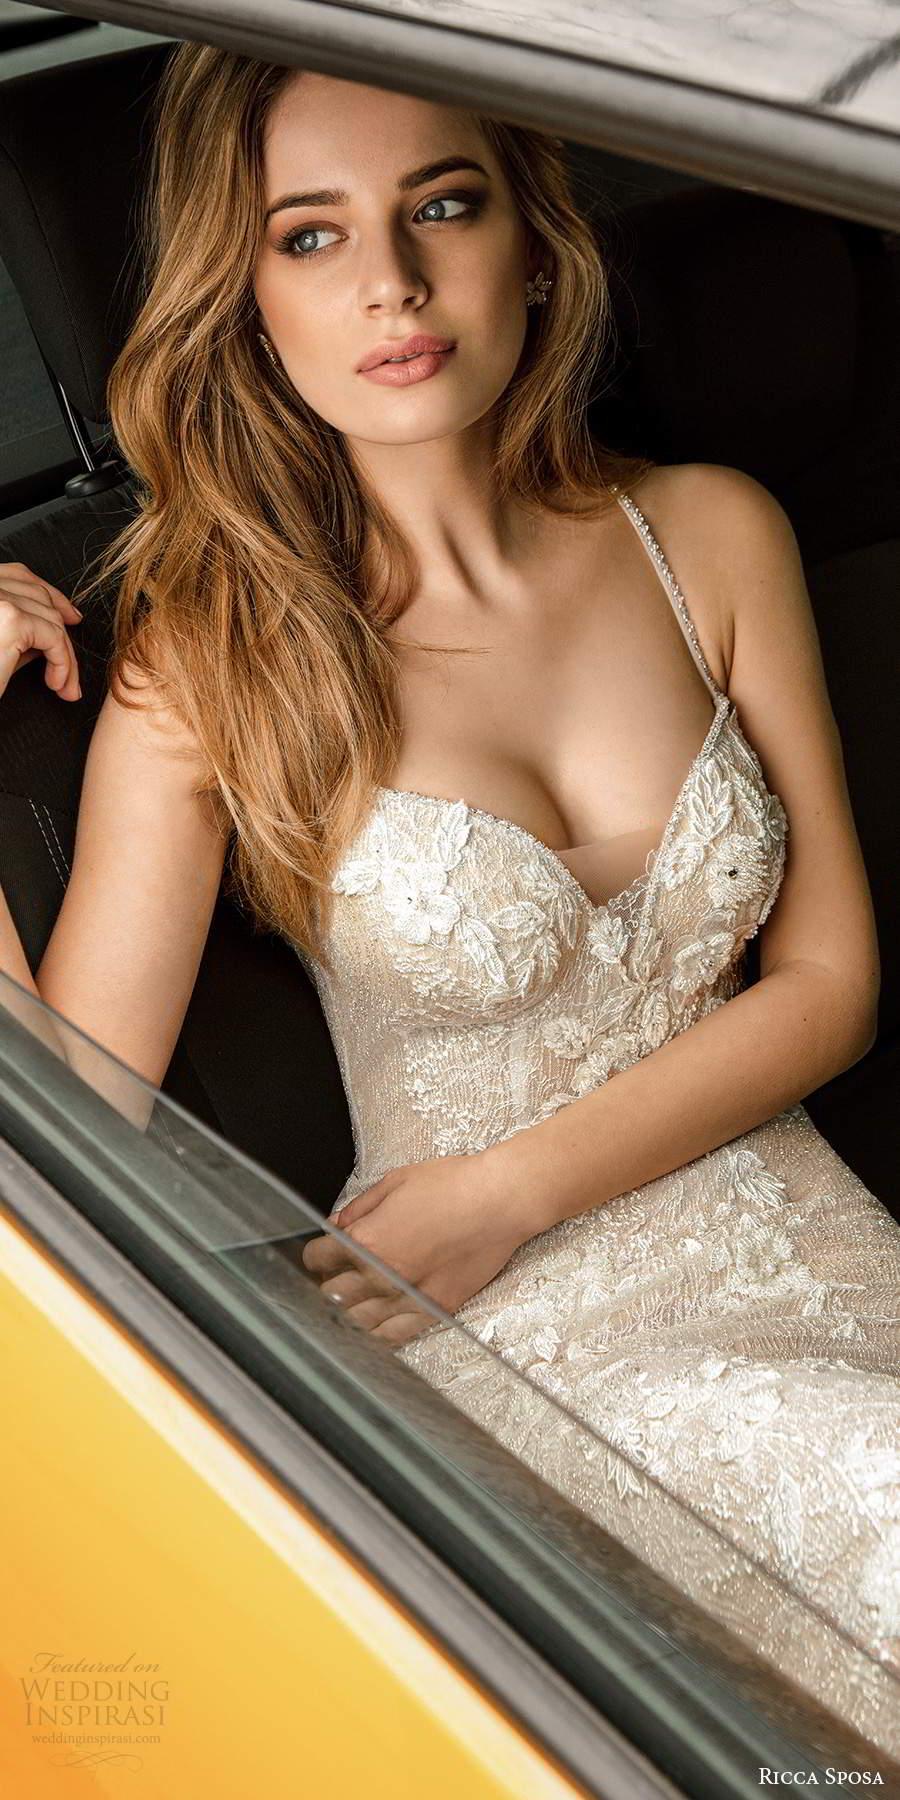 ricca sposa 2020 barcelona bridal sleeveless thin beaded straps sweetheart neckline fully embellished sheath wedding dress (23) mv